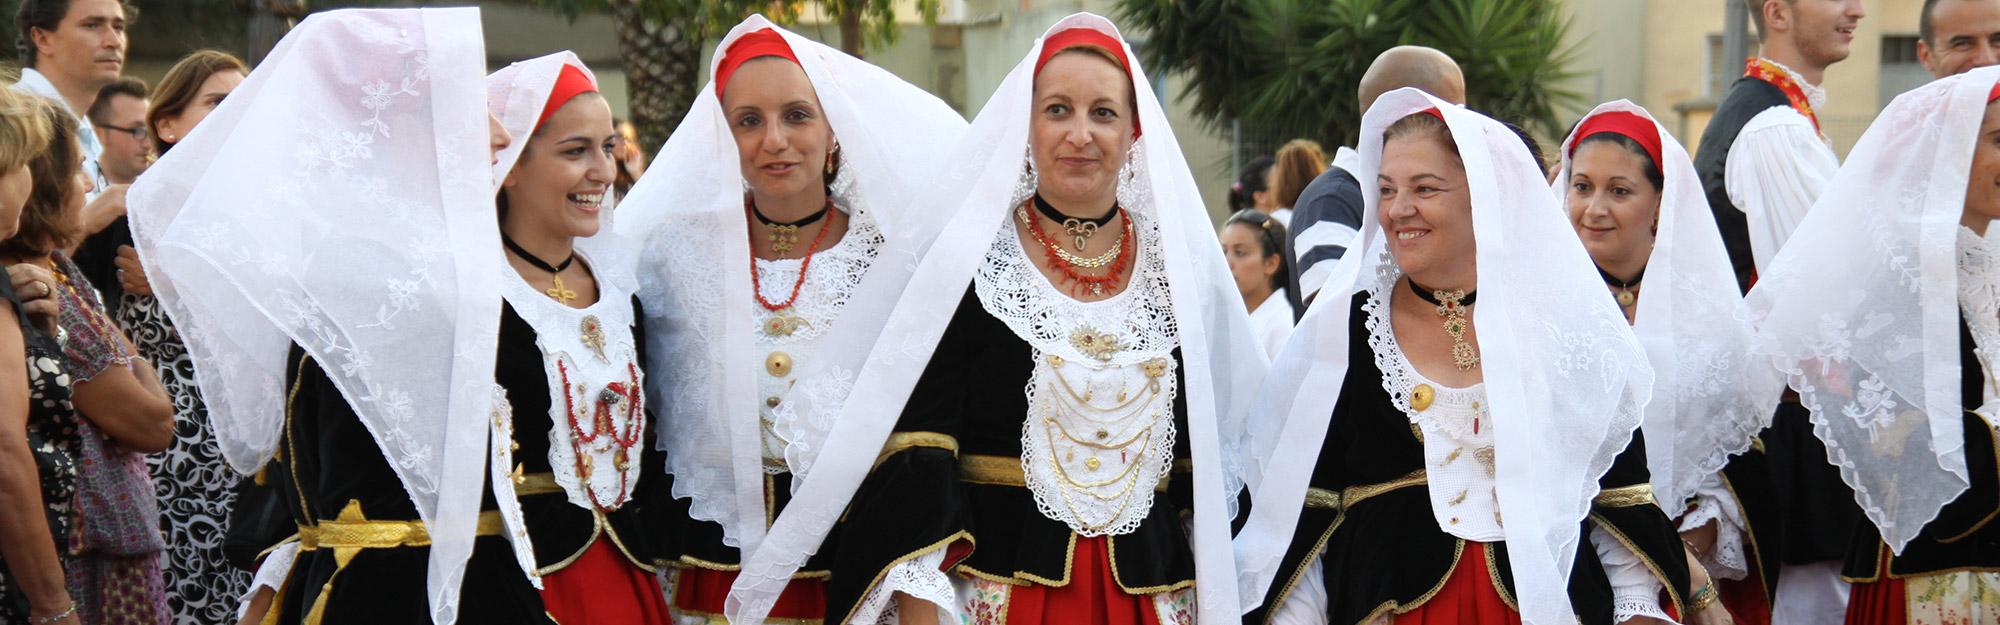 Sardinien Kultur & Tradition